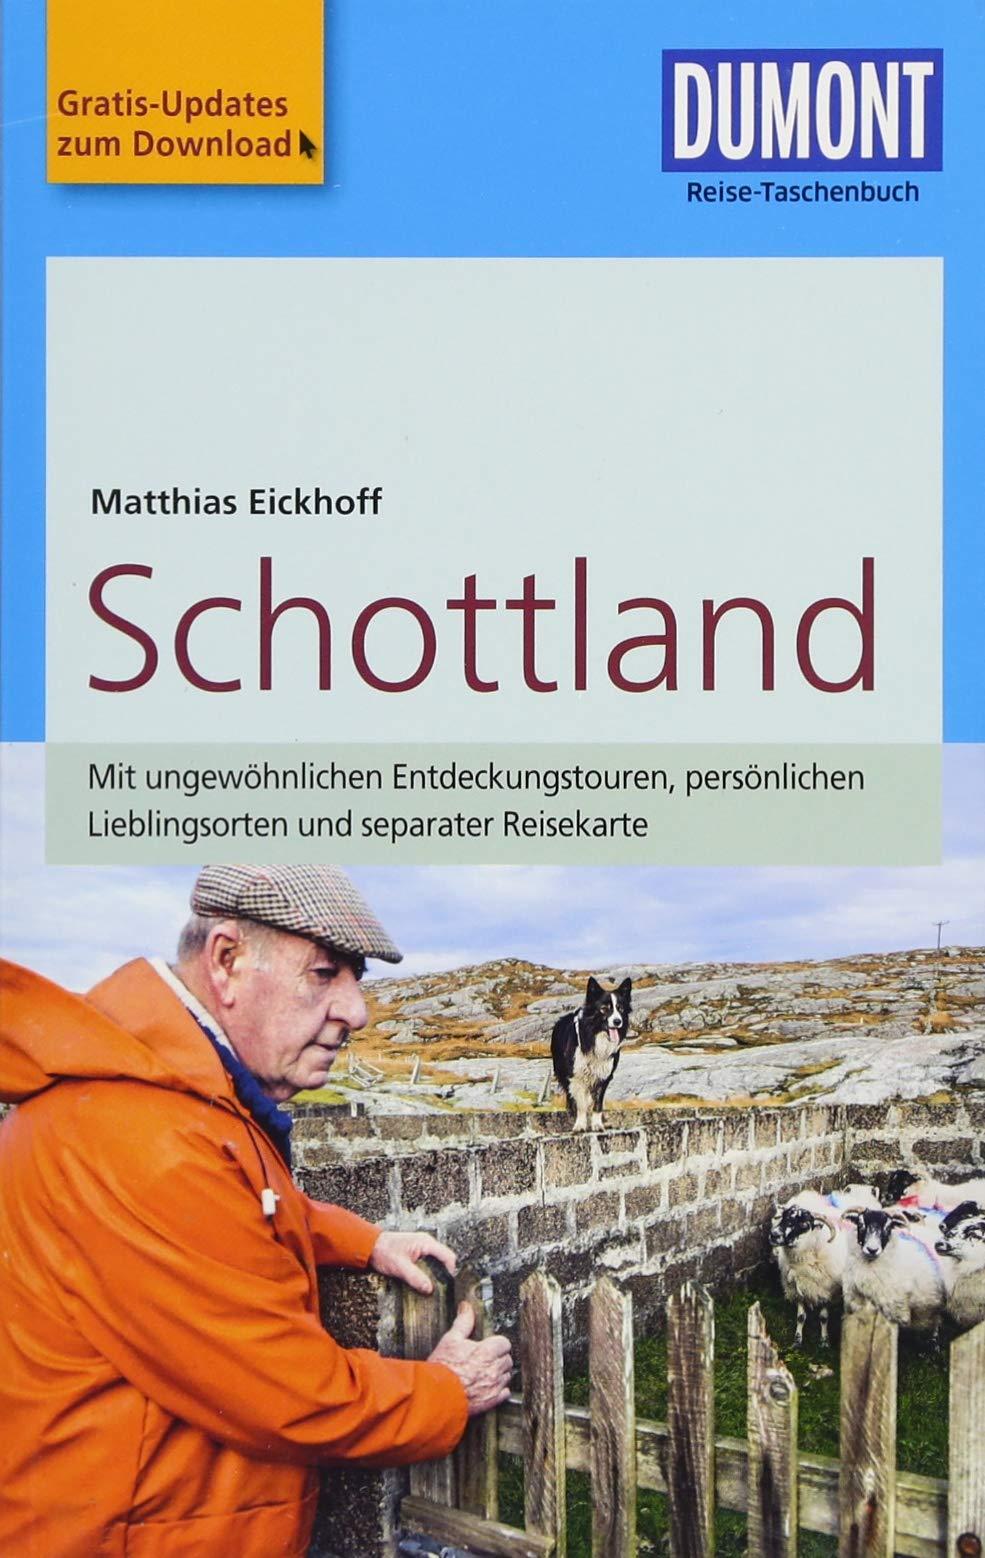 dumont-reise-taschenbuch-reisefhrer-schottland-mit-online-updates-als-gratis-download